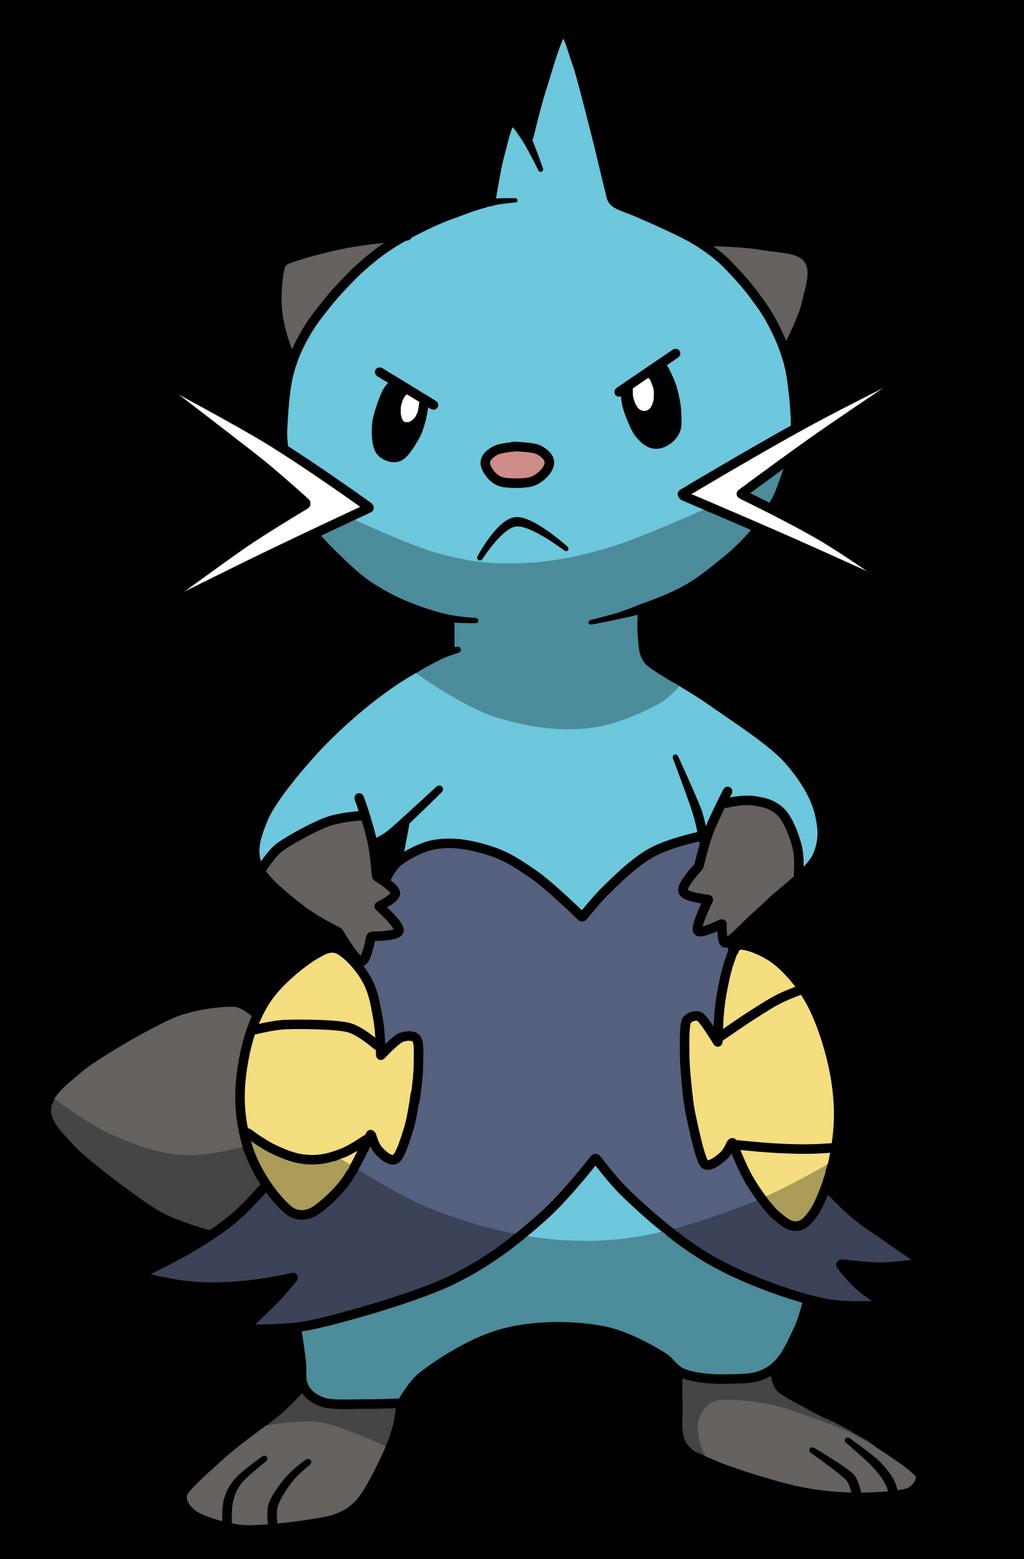 dewott pokemon shiny - photo #32